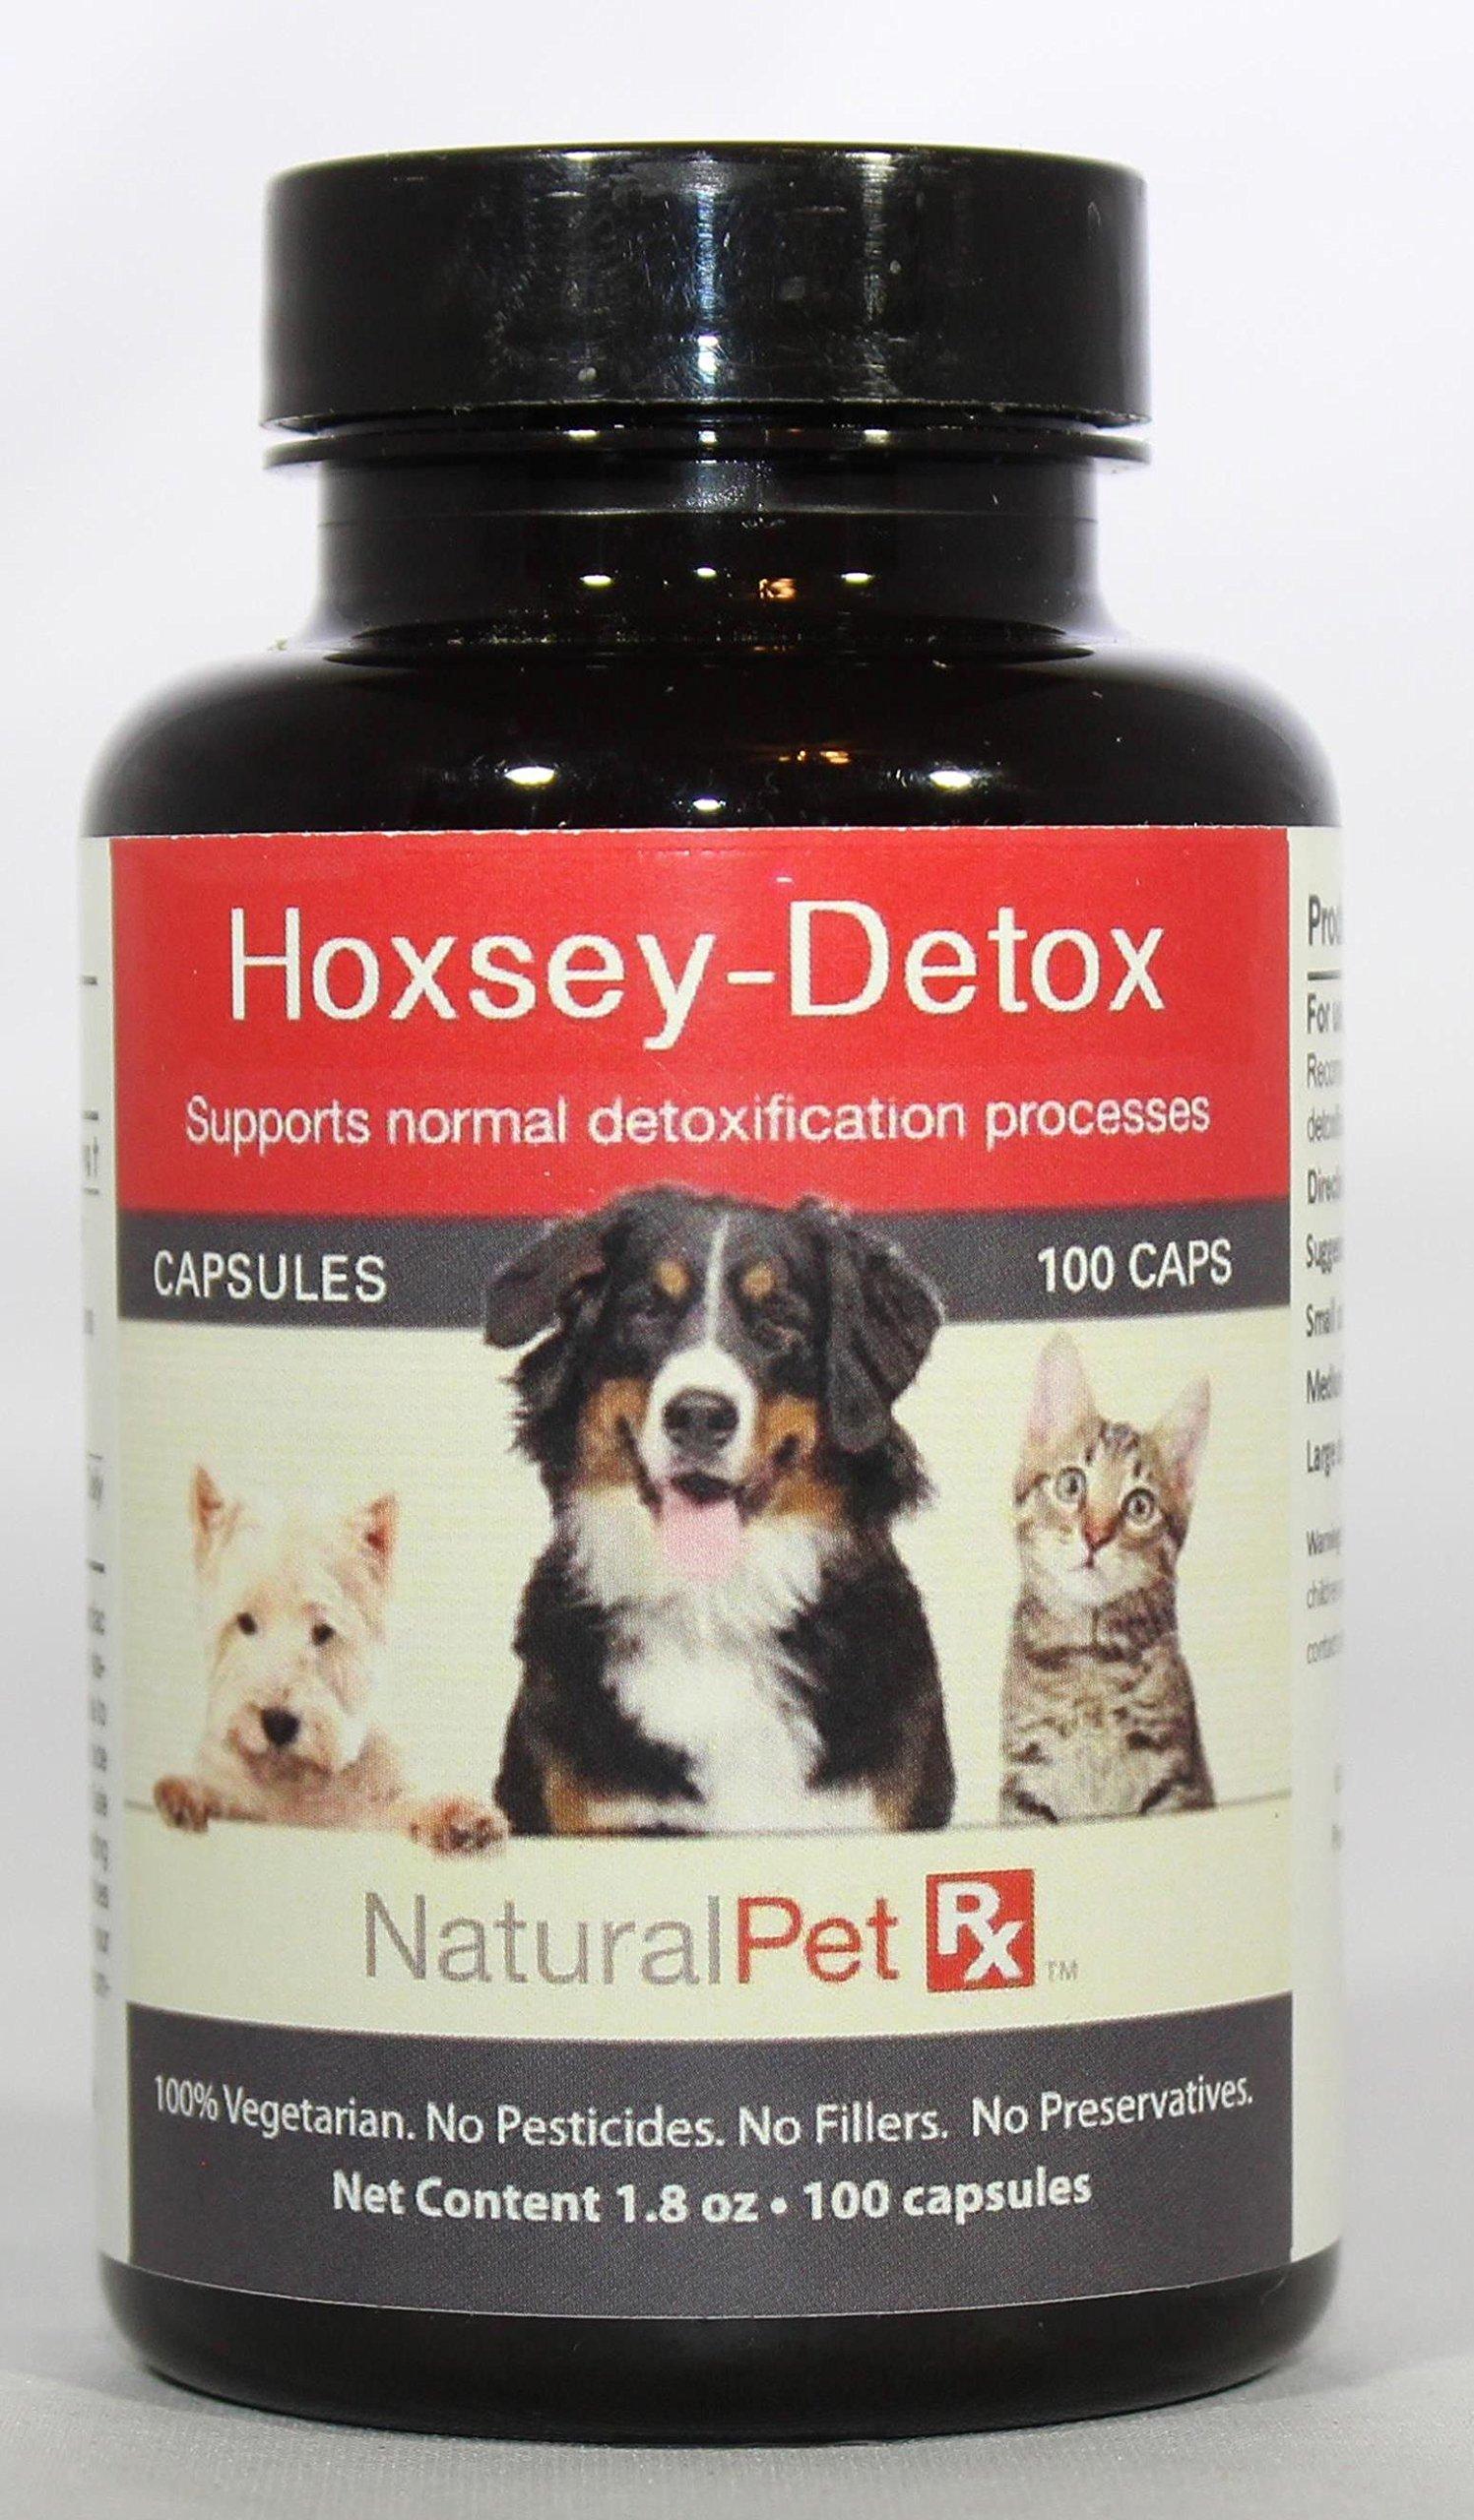 Natural Pet RX Hoxsey-Detox Detoxification Support (100 Capsules)